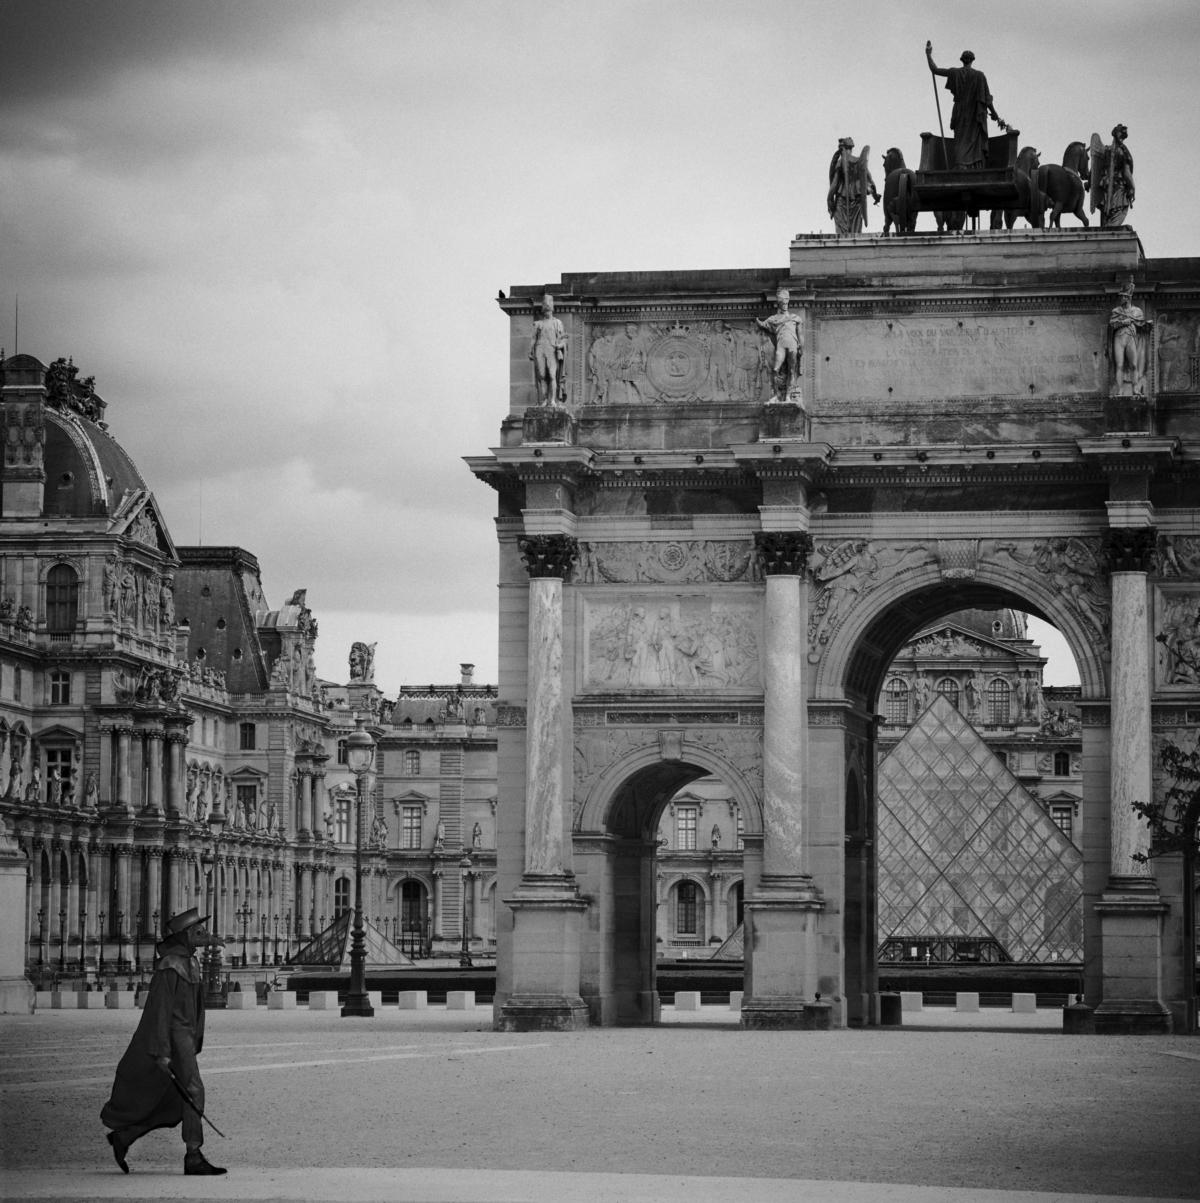 Pyramide du Louvre, Paris, mars 2020 Fine Art print sur papier Hahnemühle 25 x 25 cm, SG-DP12 ©Stephan Gladieu